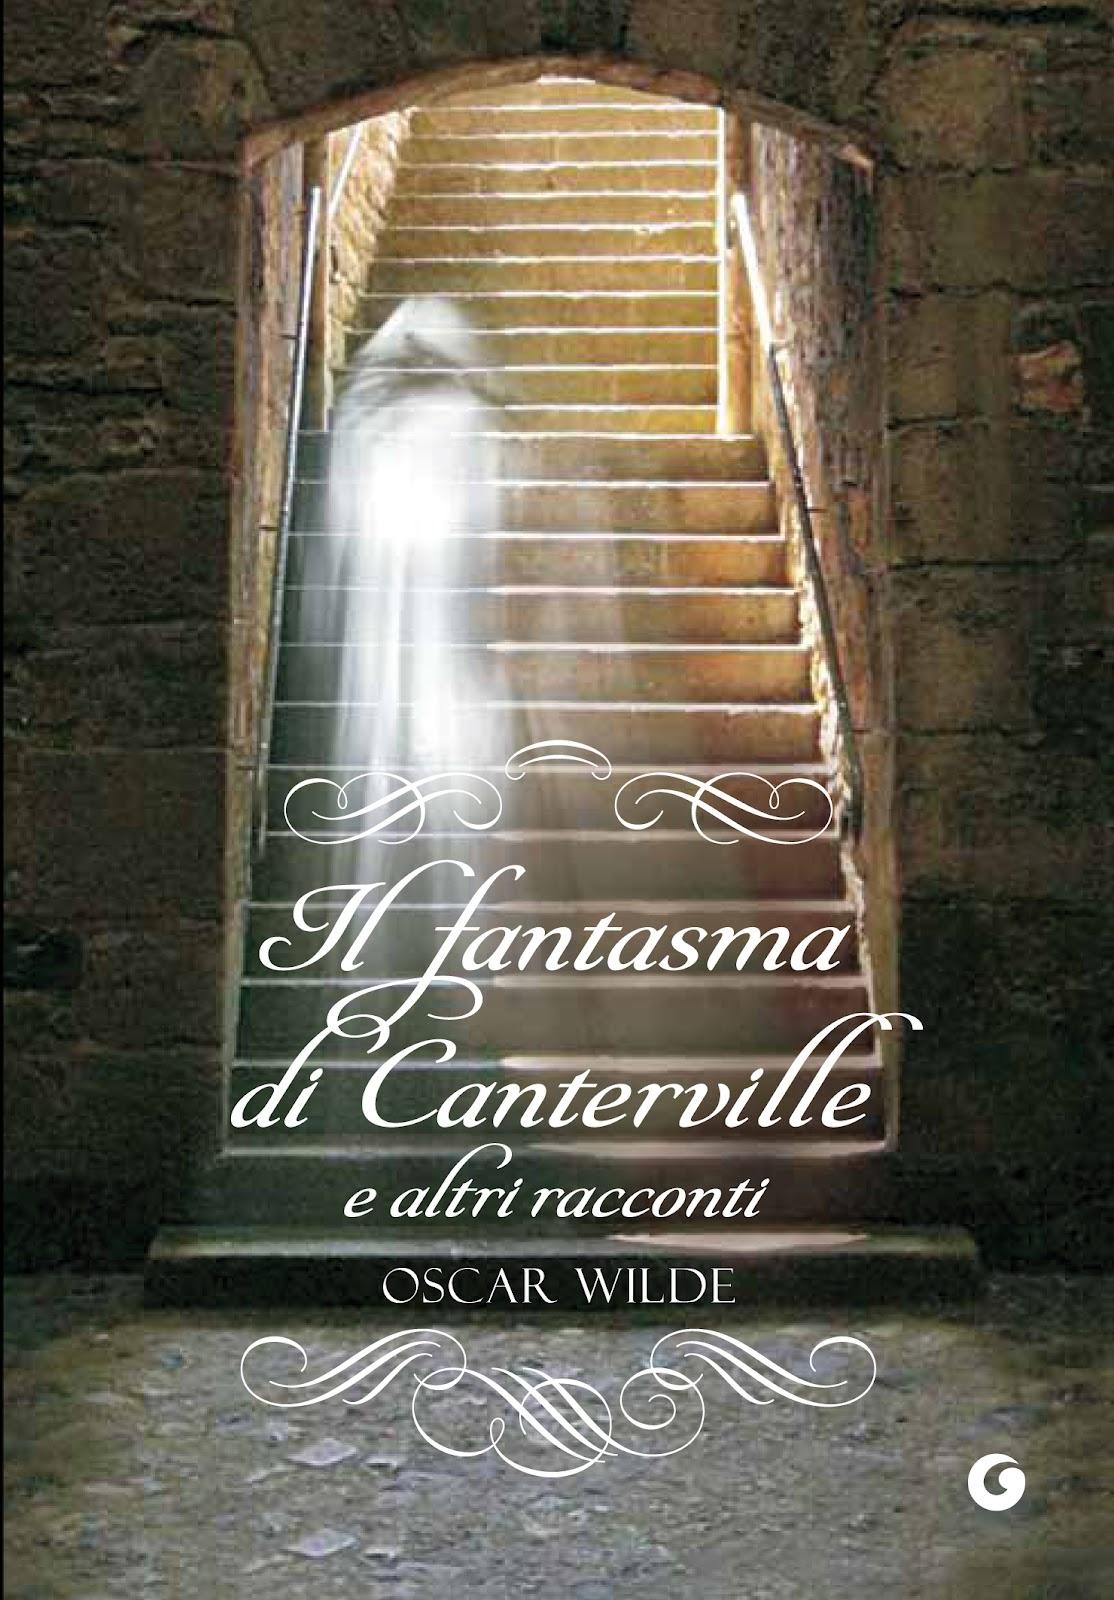 Veiled Mirror Recensione Il fantasma di Canterville